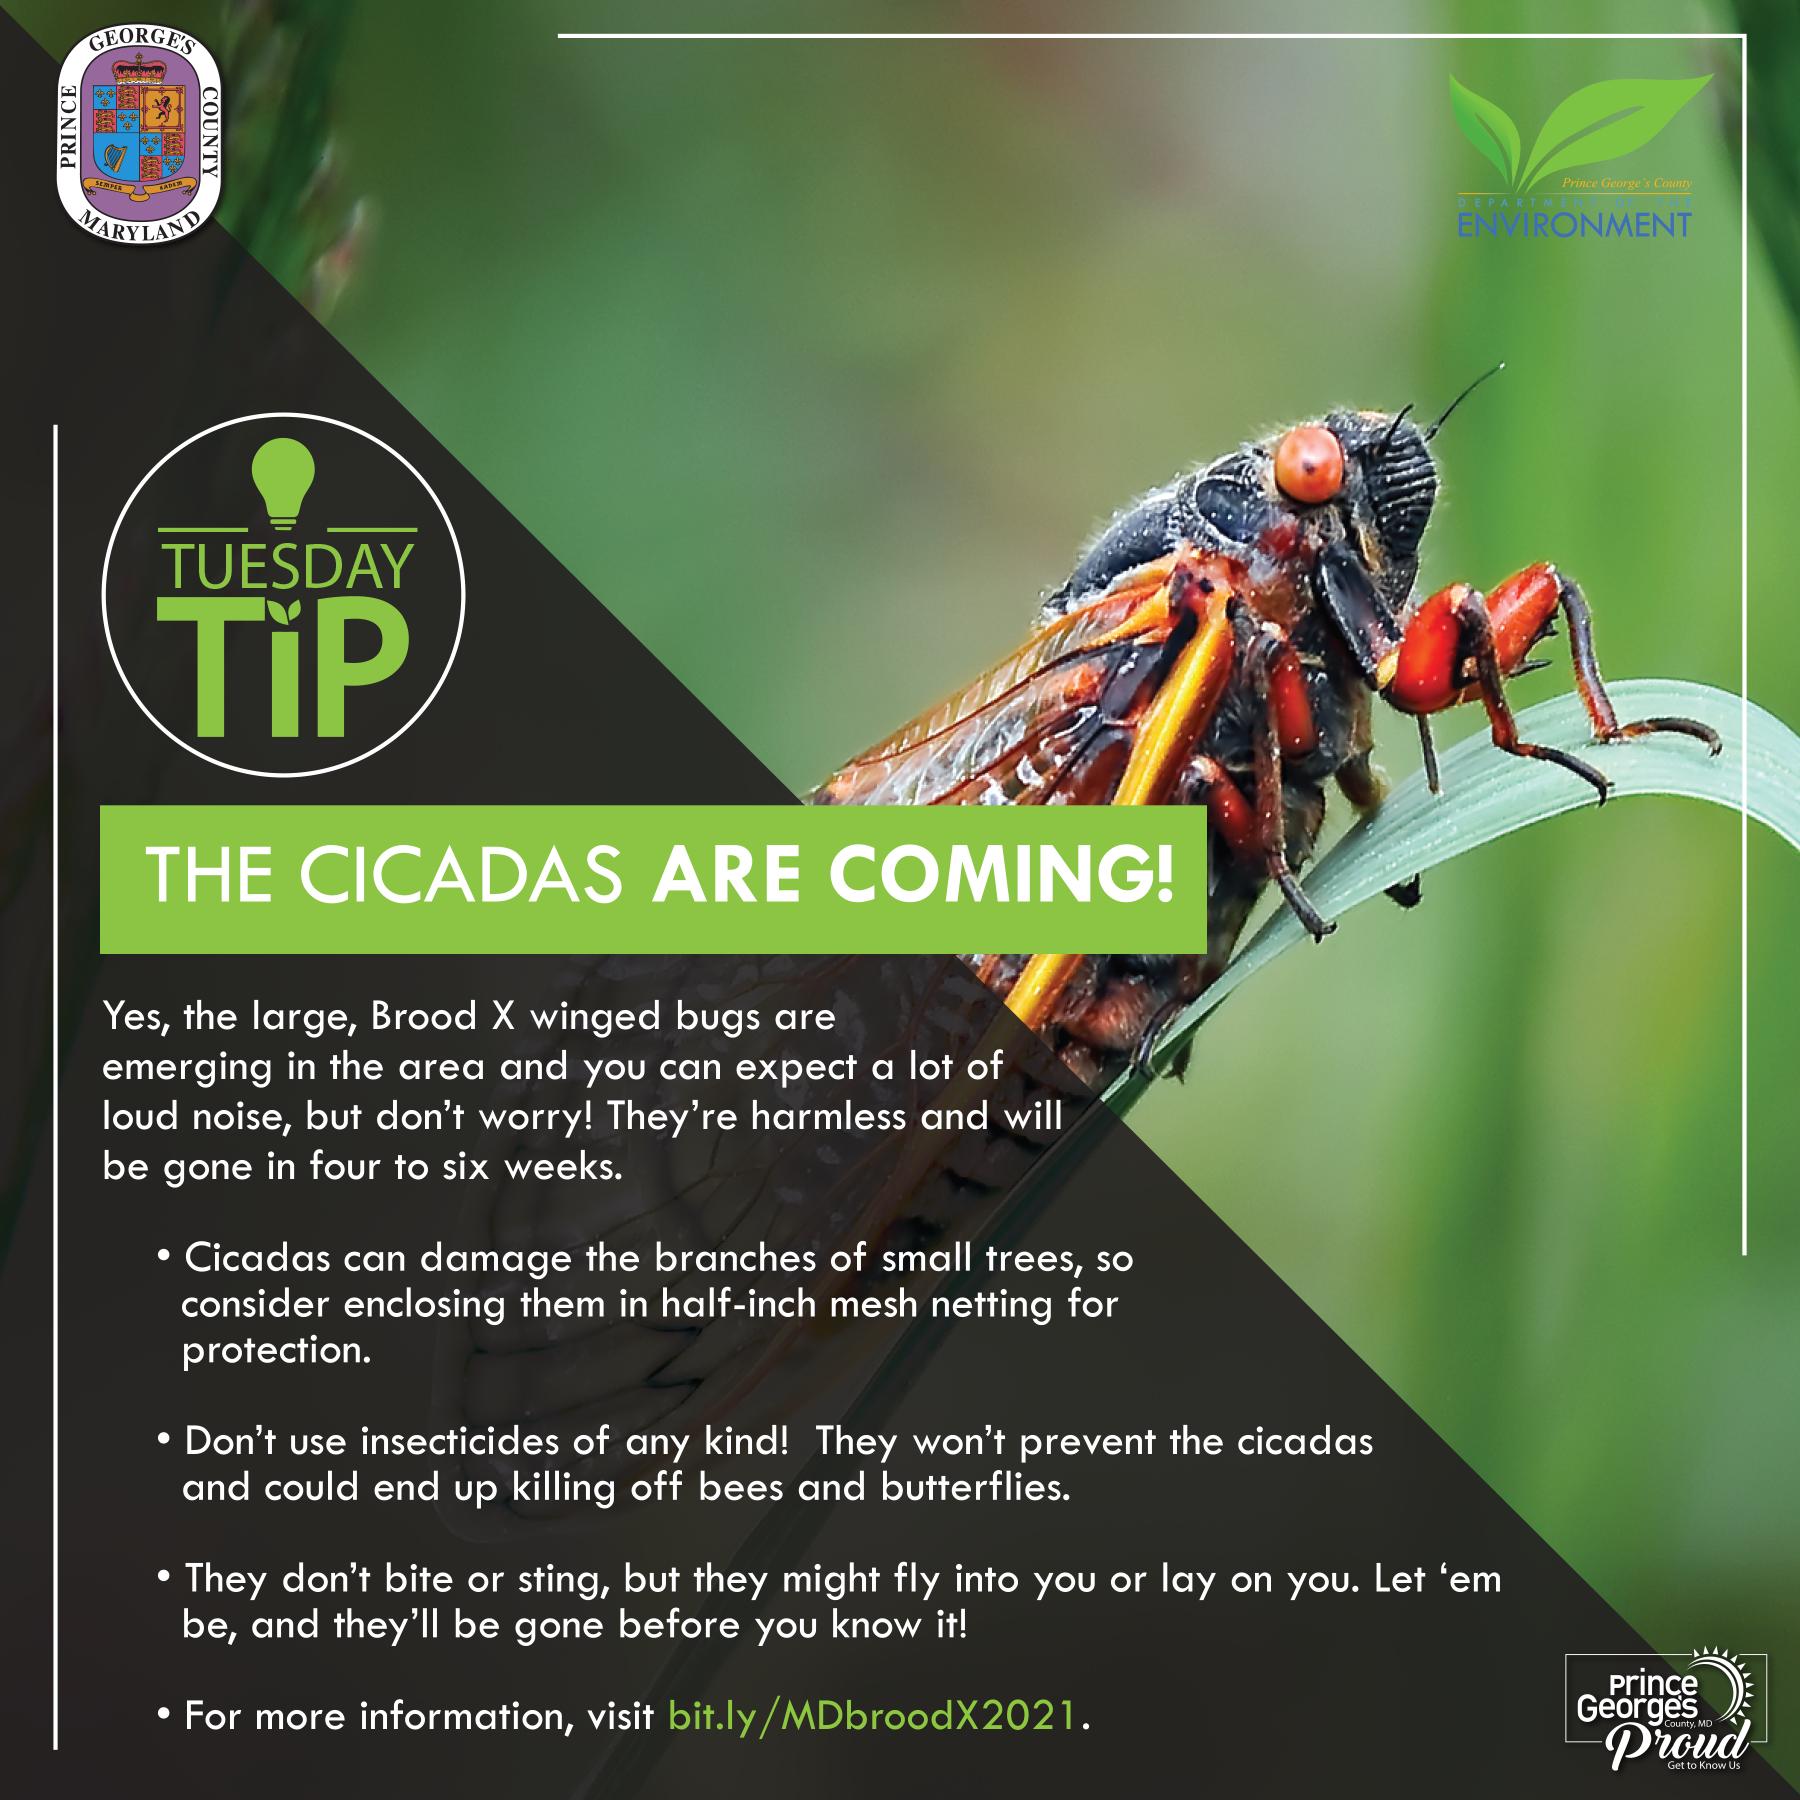 Tues Tip 5.18.21 Cicadas eng